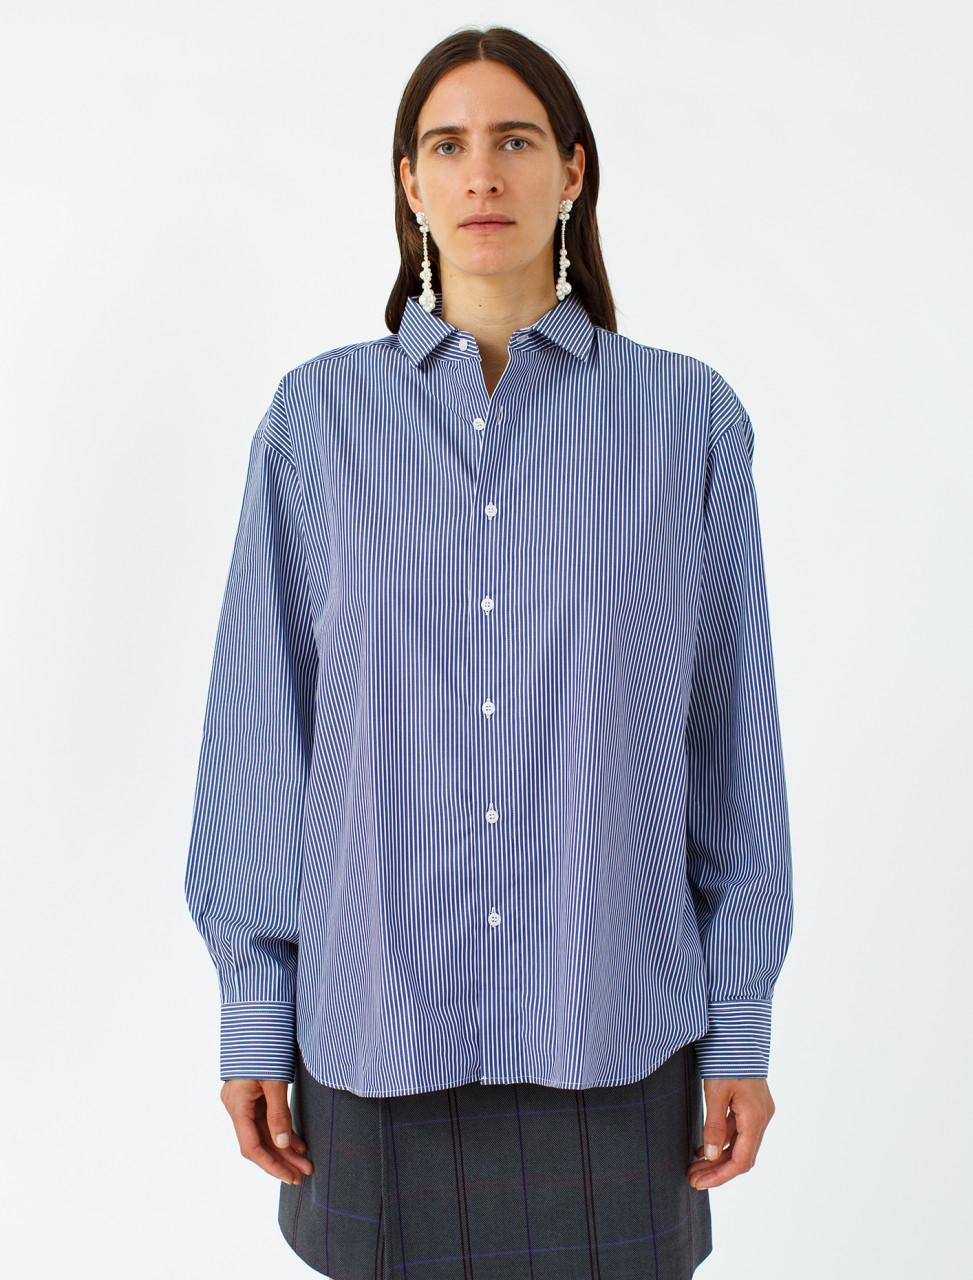 Ole Shirt